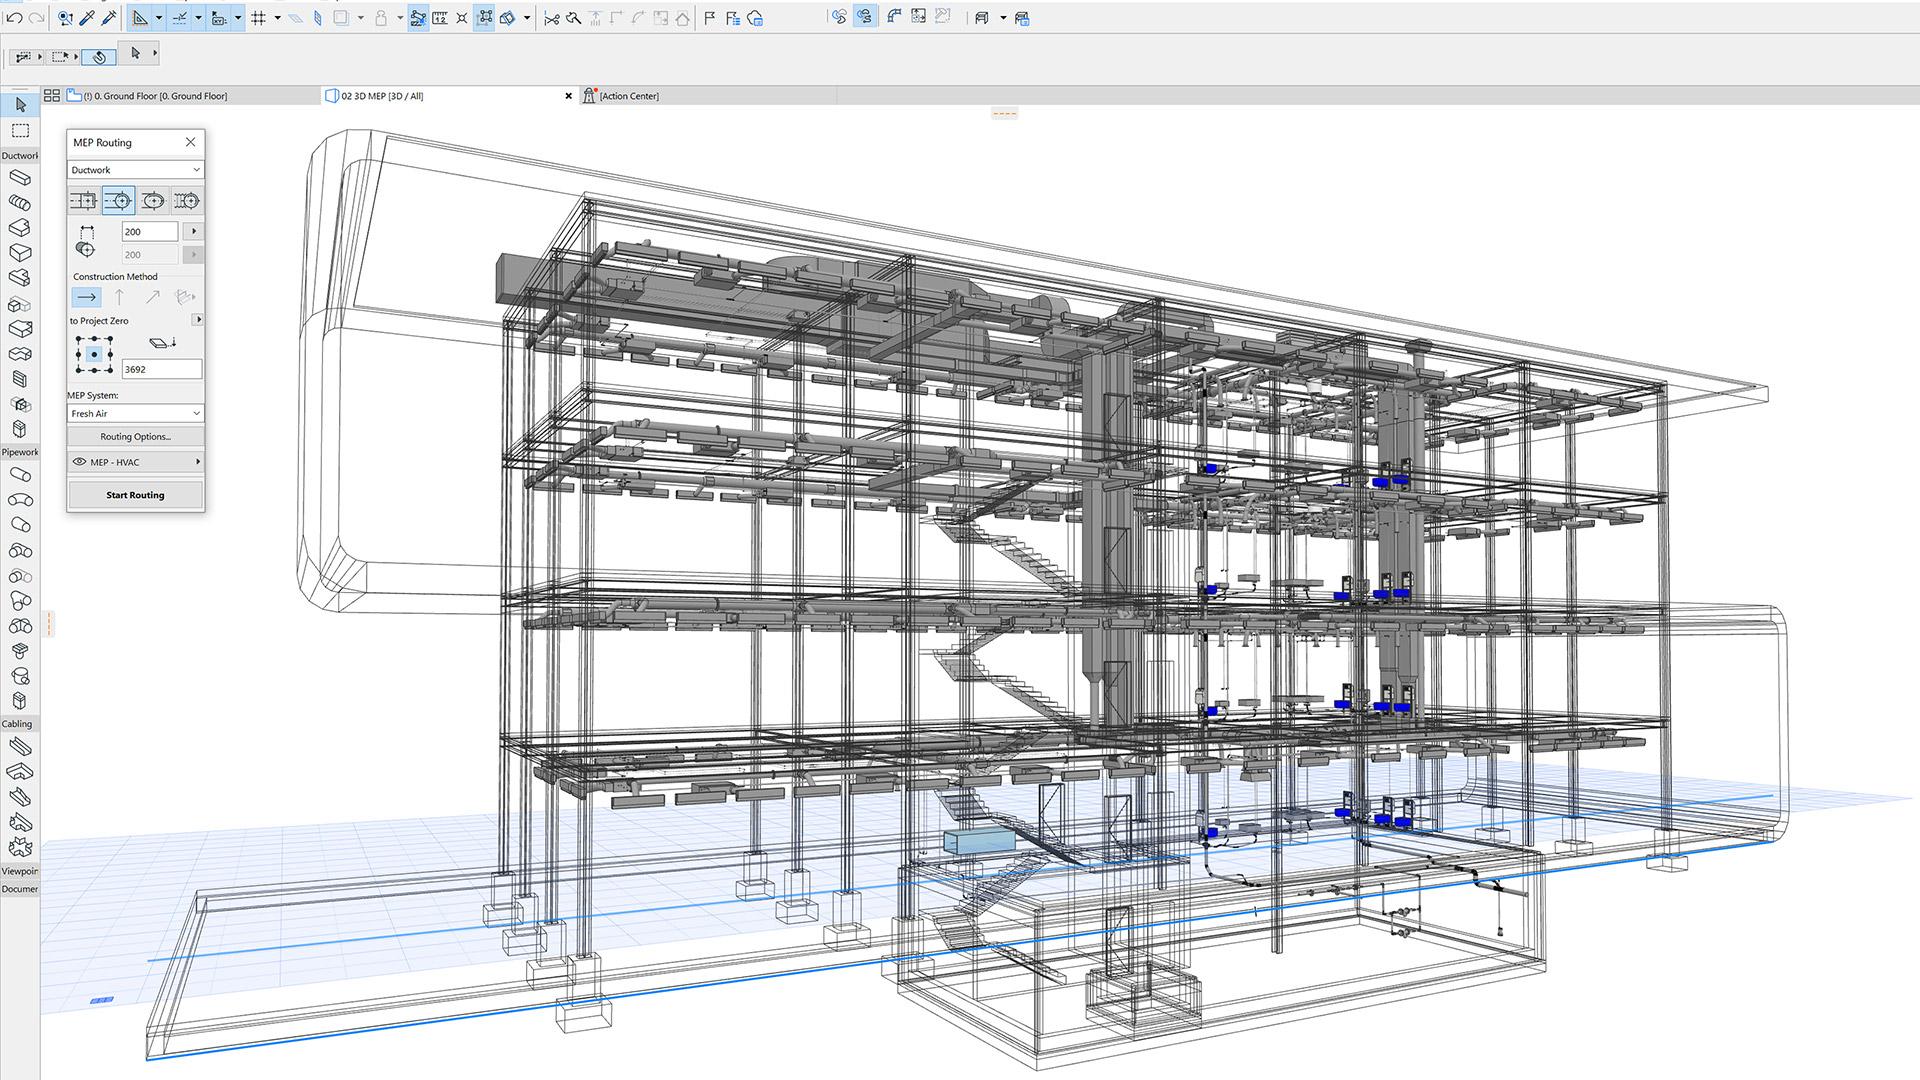 progettazione_Design_Integration_MEP